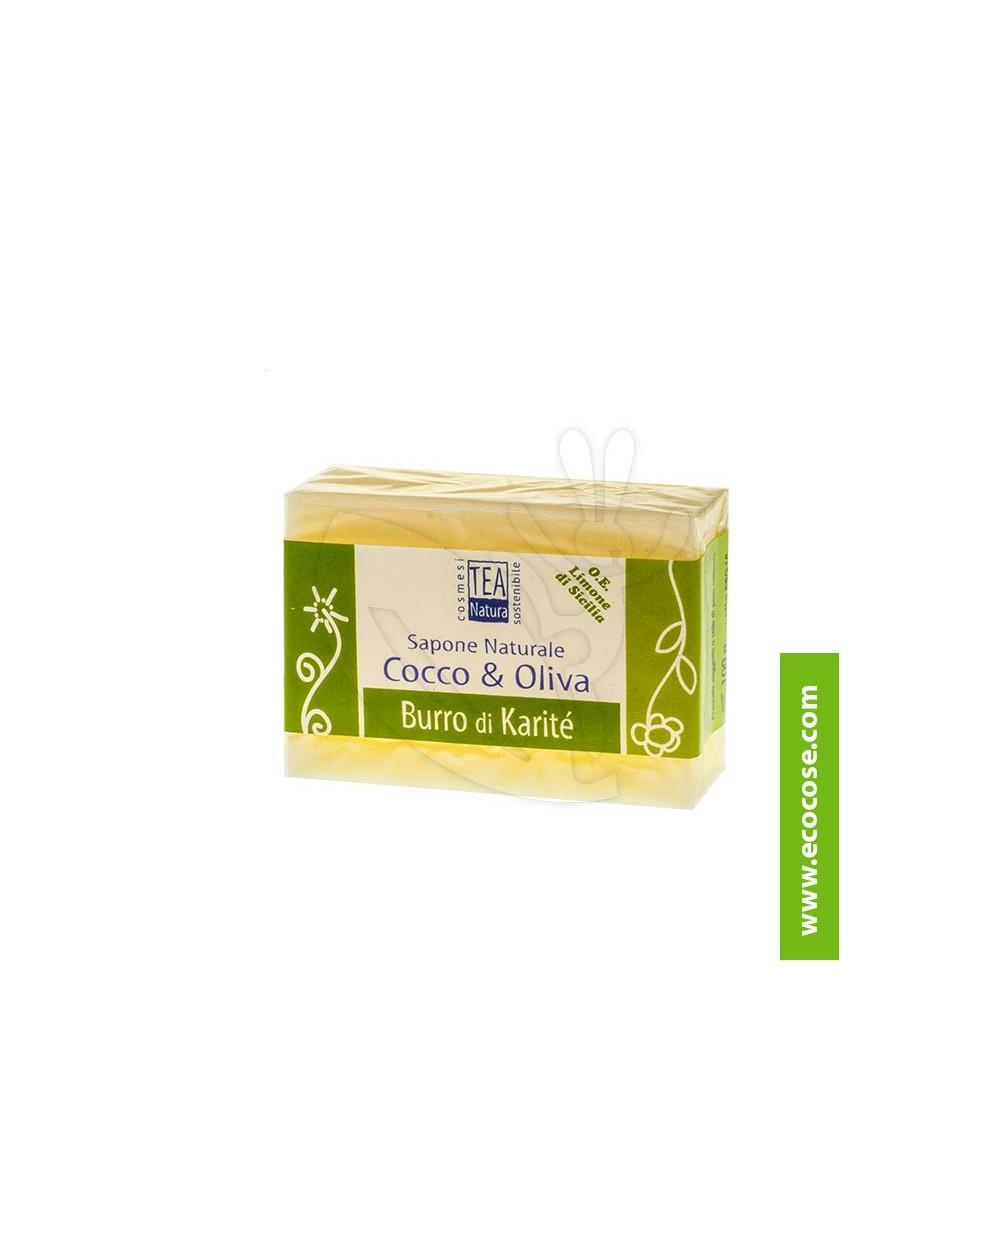 Tea Natura - Sapone naturale Cocco e Oliva con Burro di Karité